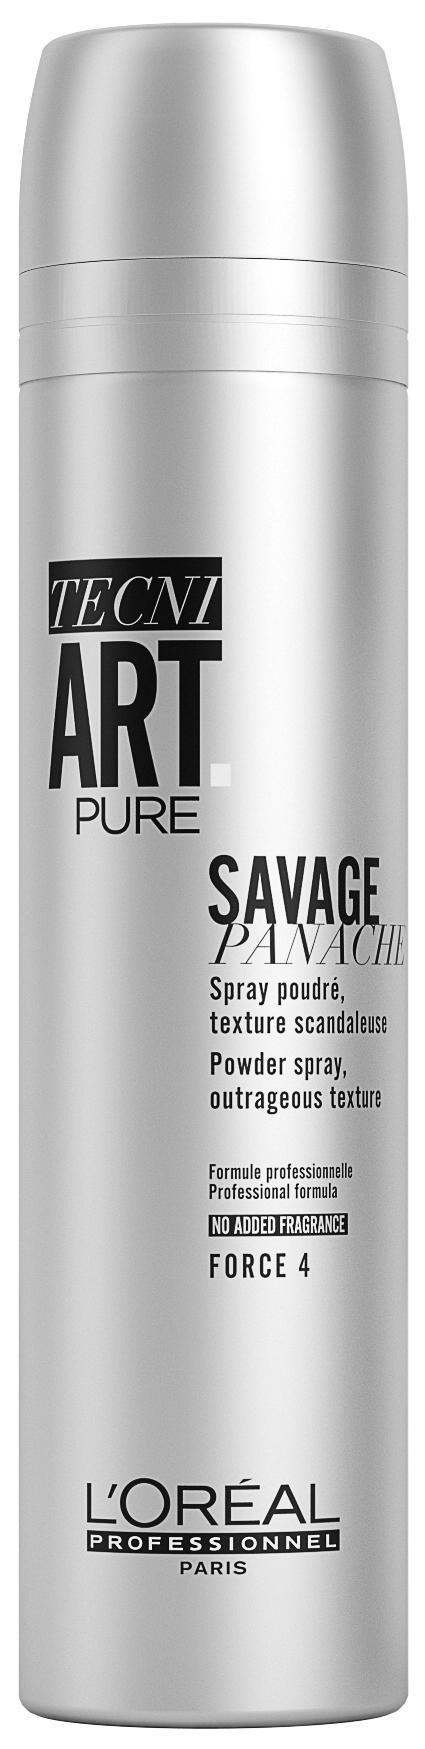 Tecni.art Savage Panache PURE 250 ml